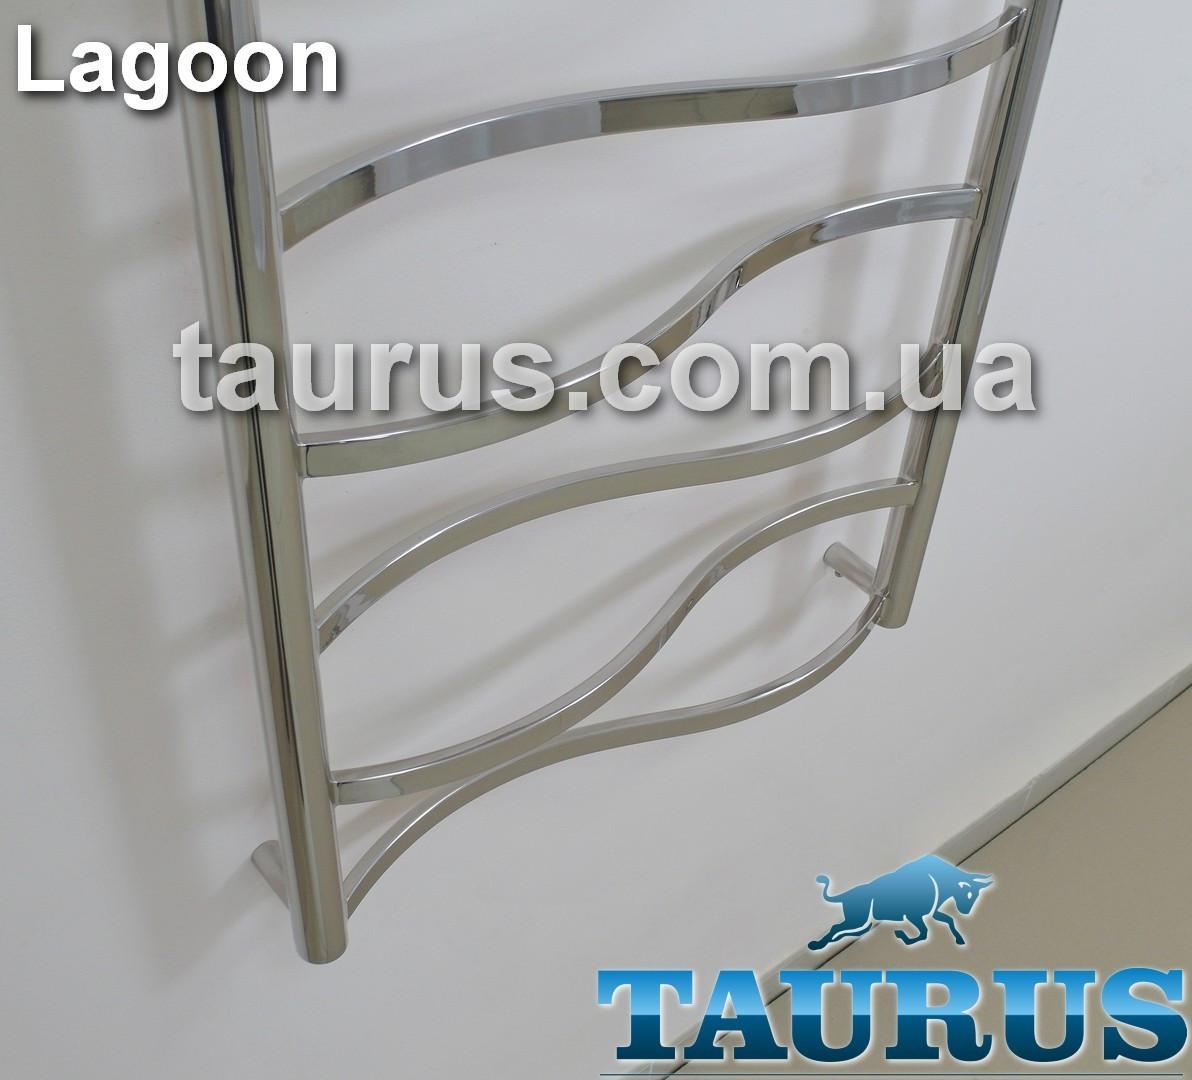 Самый маленький, узкий полотенцесушитель Lagoon 4/450х400 из н/ж стали. Перемычки в форме волны (труба 20х10).